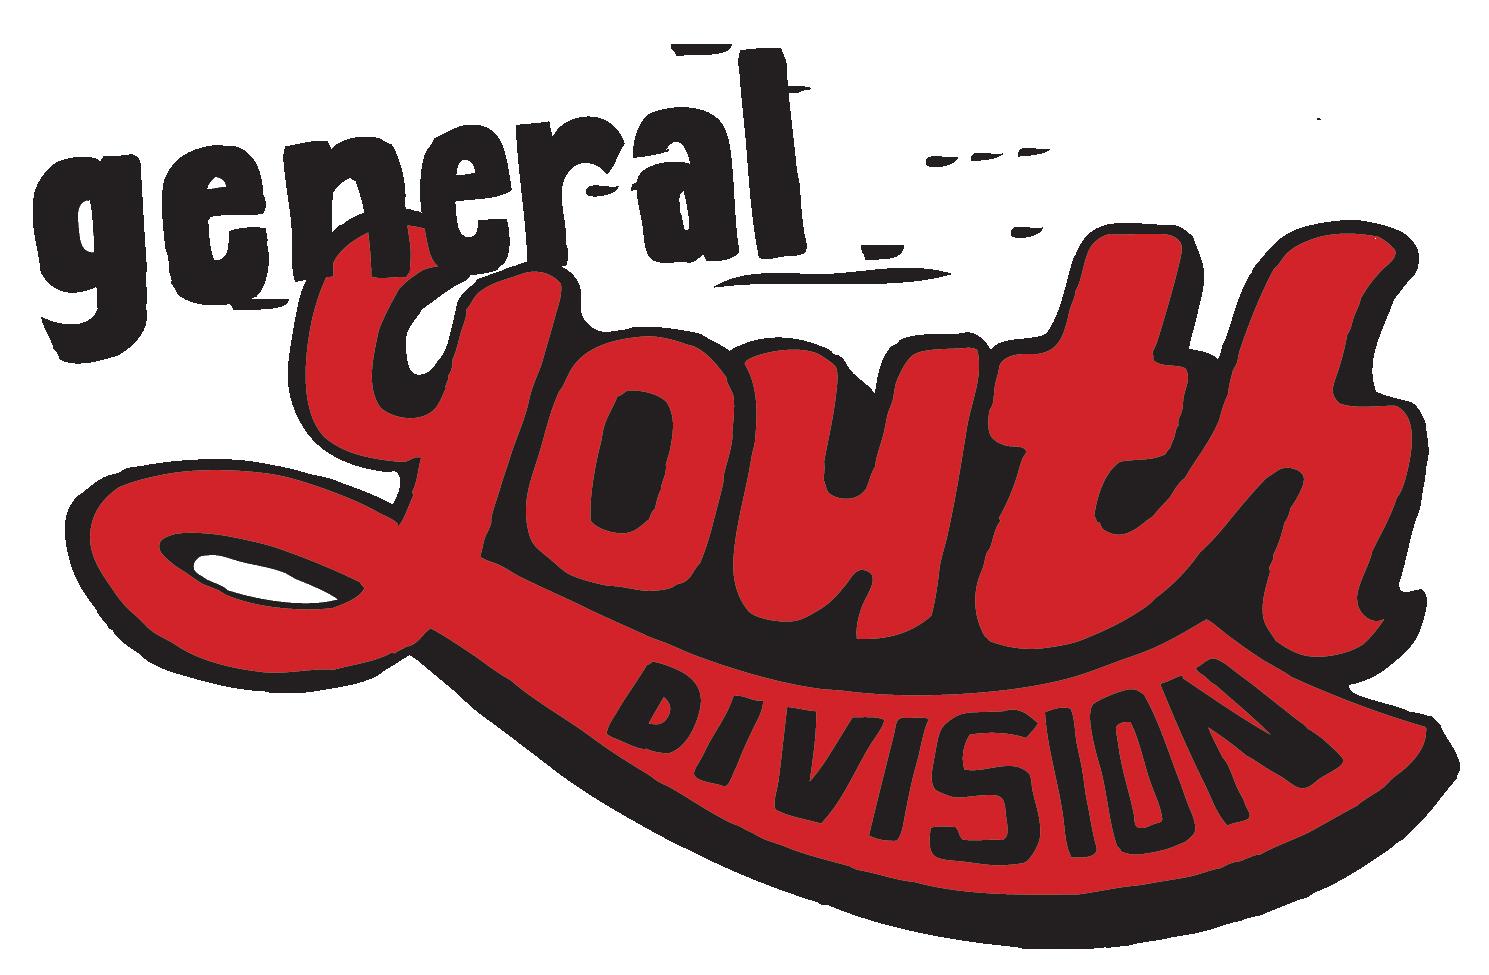 Club clipart youth leadership Youth 7 GYD I'm Leader